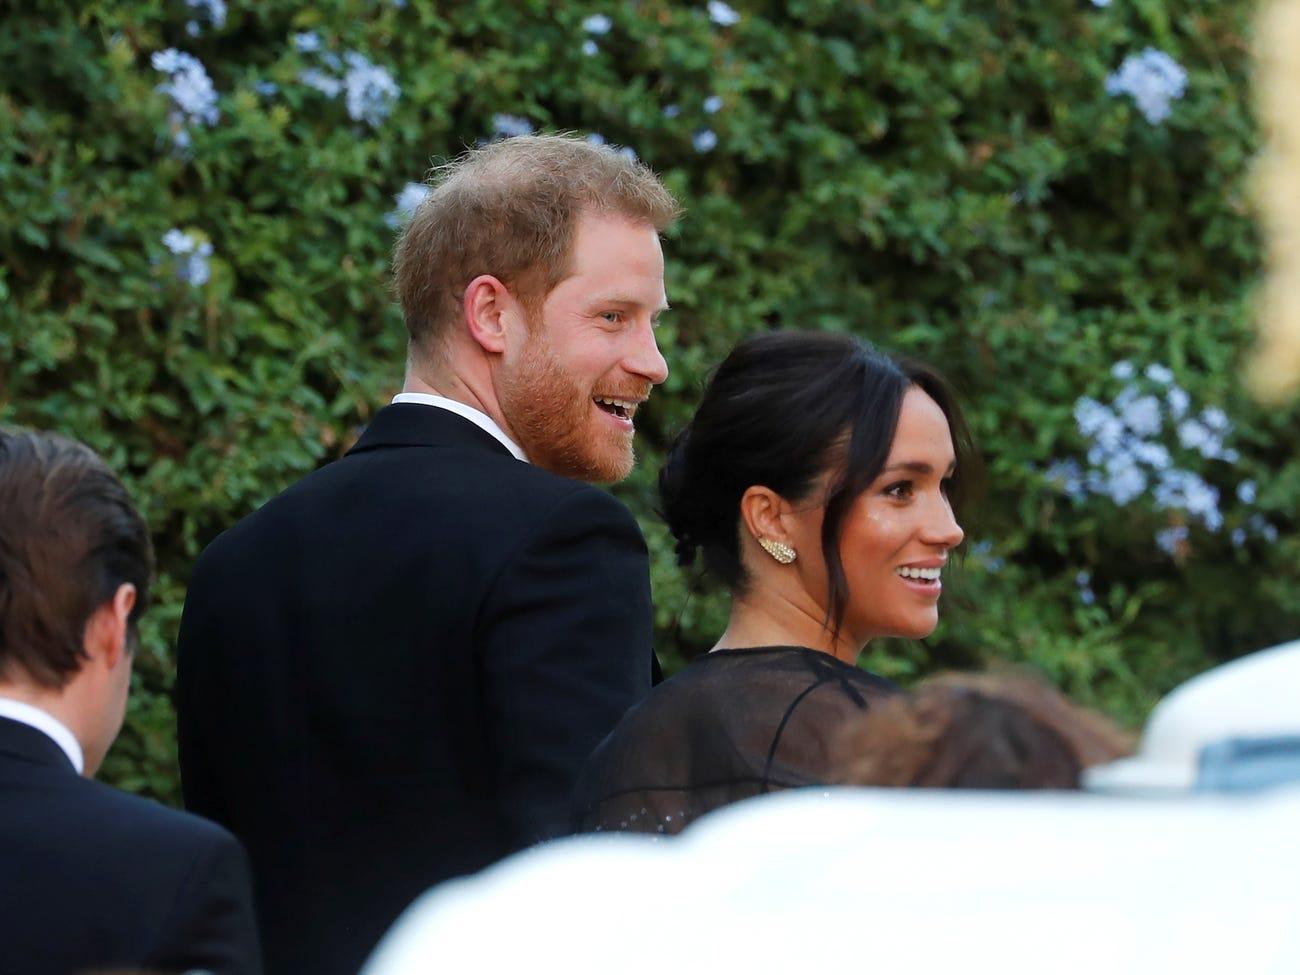 英国王子哈里和妻子梅根即将搬到美国,他们的安保资金由谁支付?